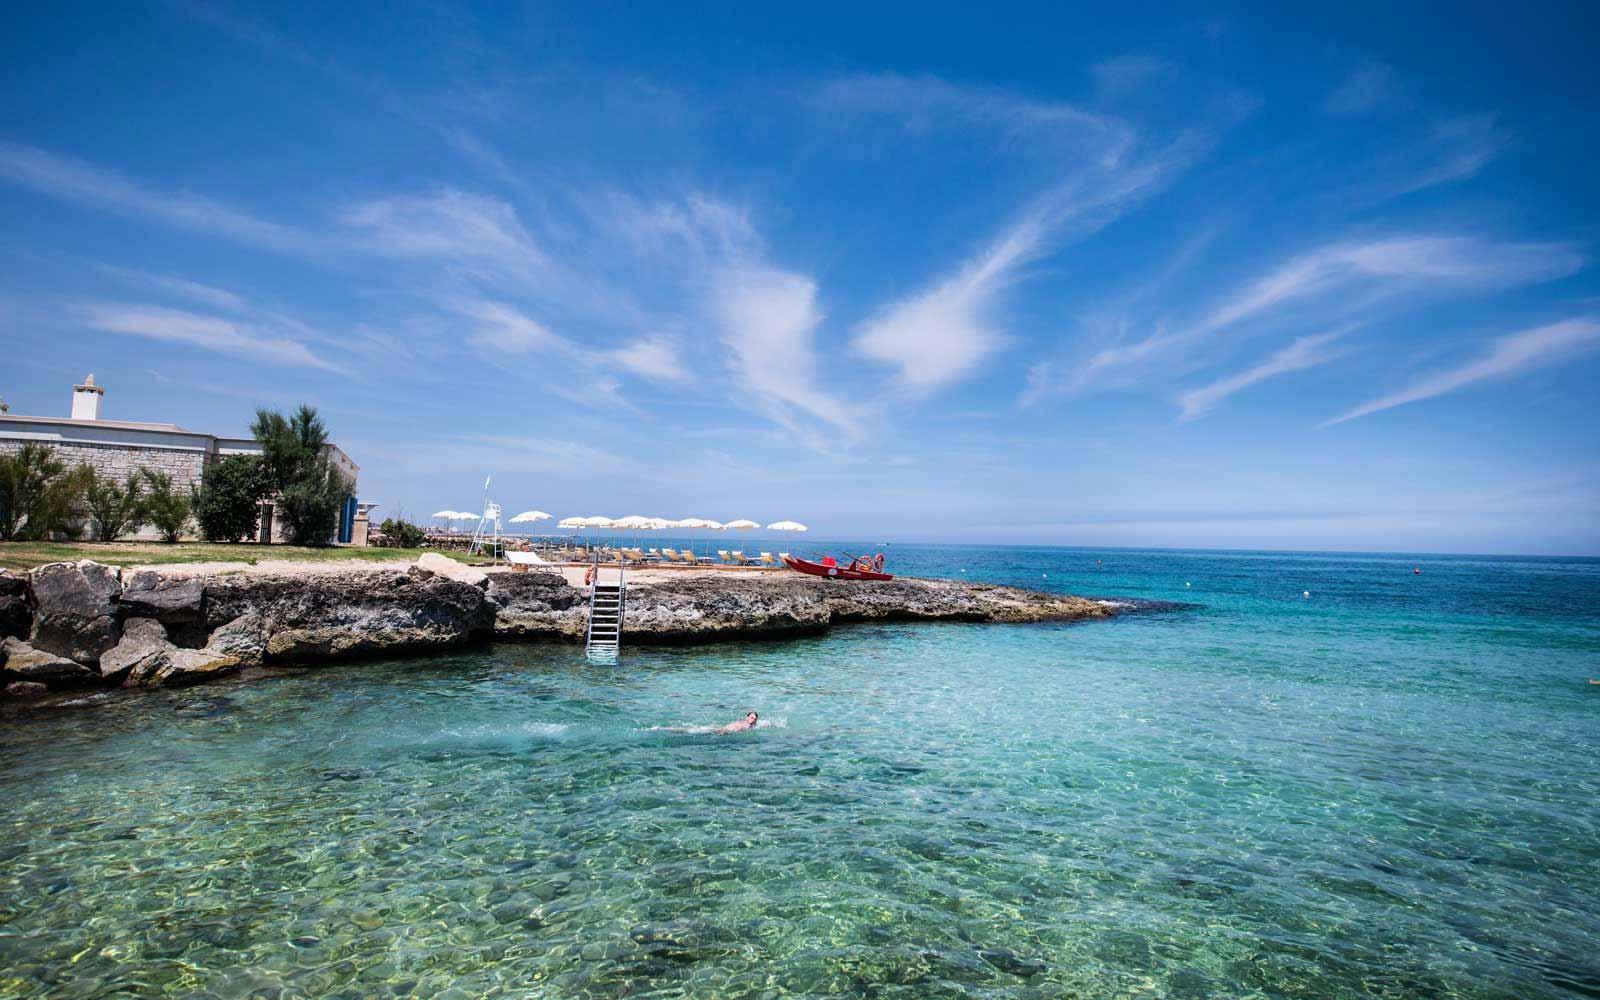 The sea by Masseria San Domenico